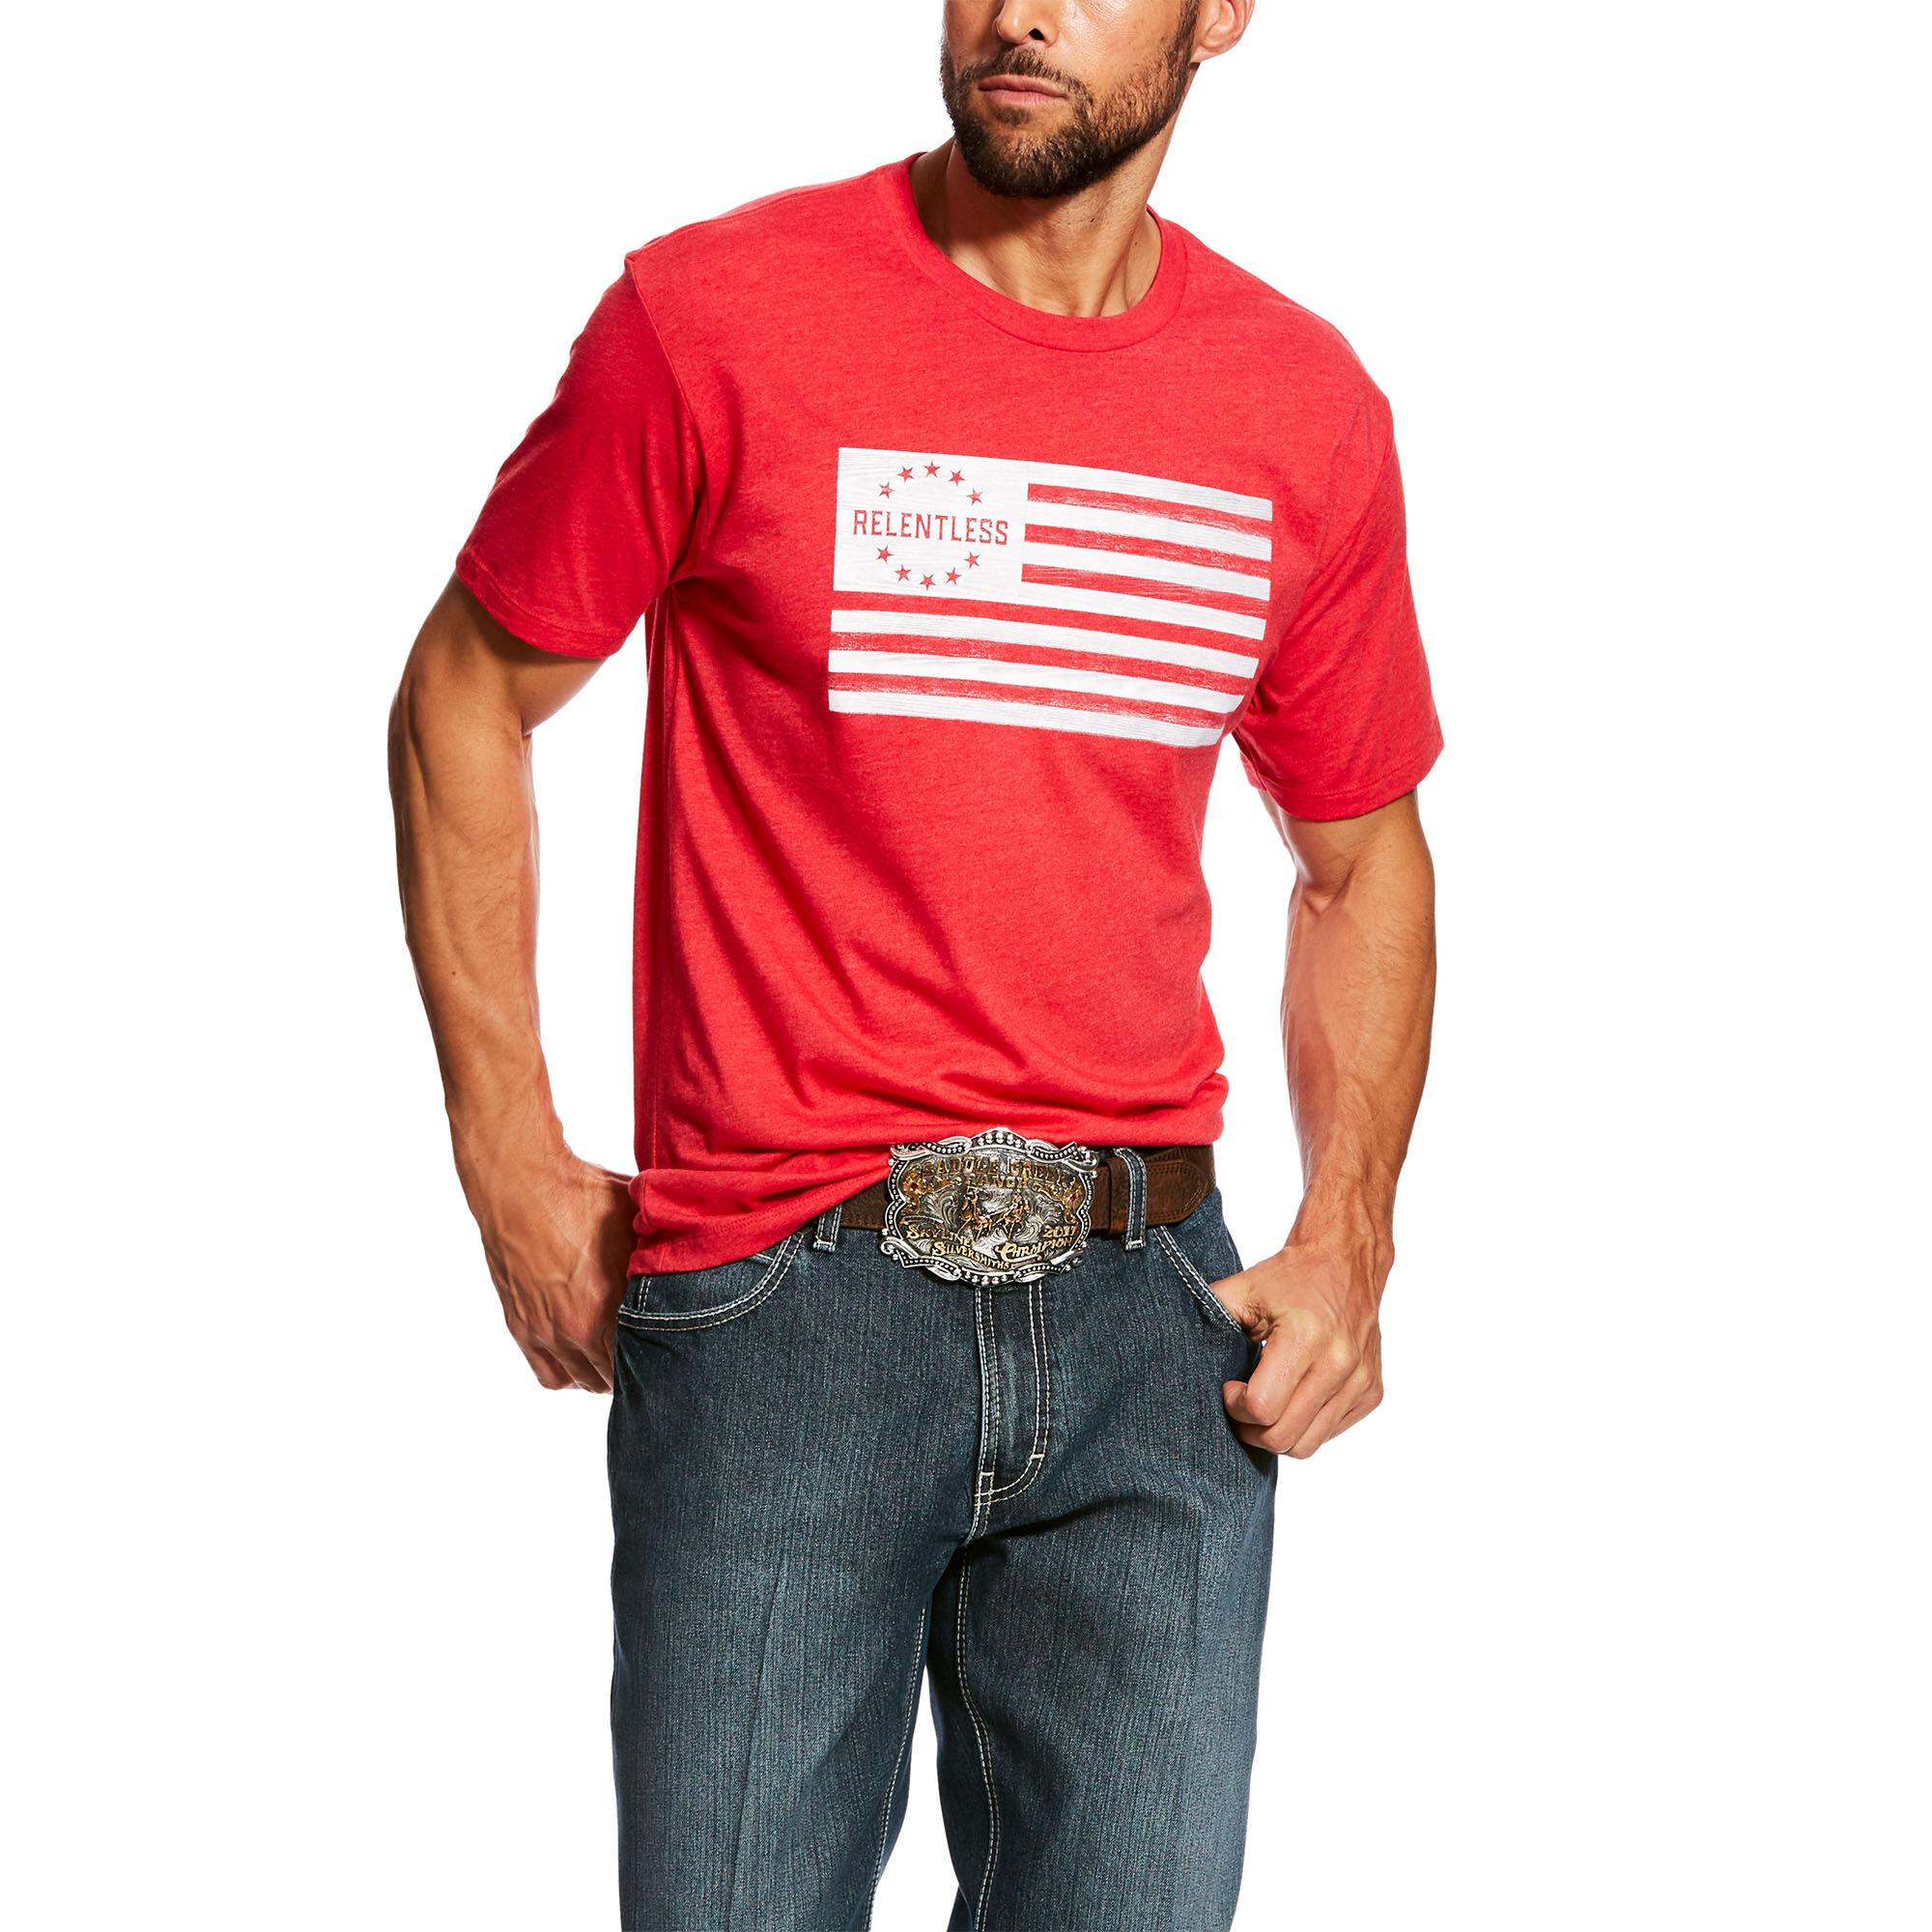 Relentless USA T-Shirt